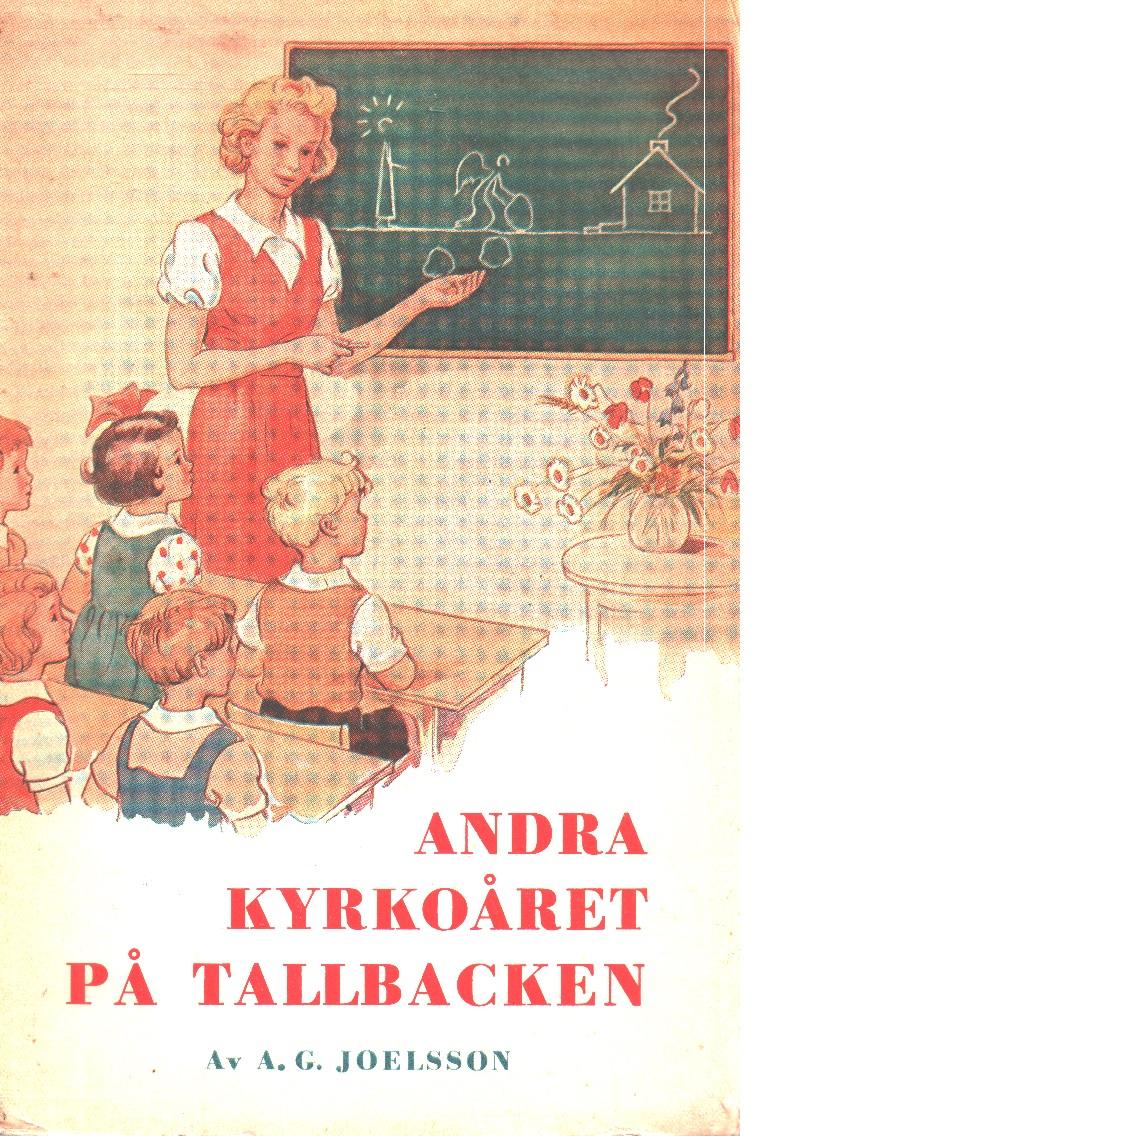 Andra kyrkoåret på Tallbacken - Joelsson, A. G.